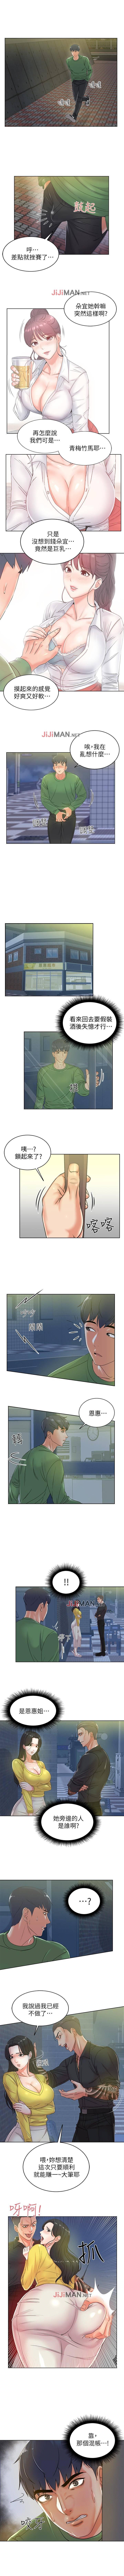 【周三连载】超市的漂亮姐姐(作者:北鼻&逃兵) 第1~20话 22